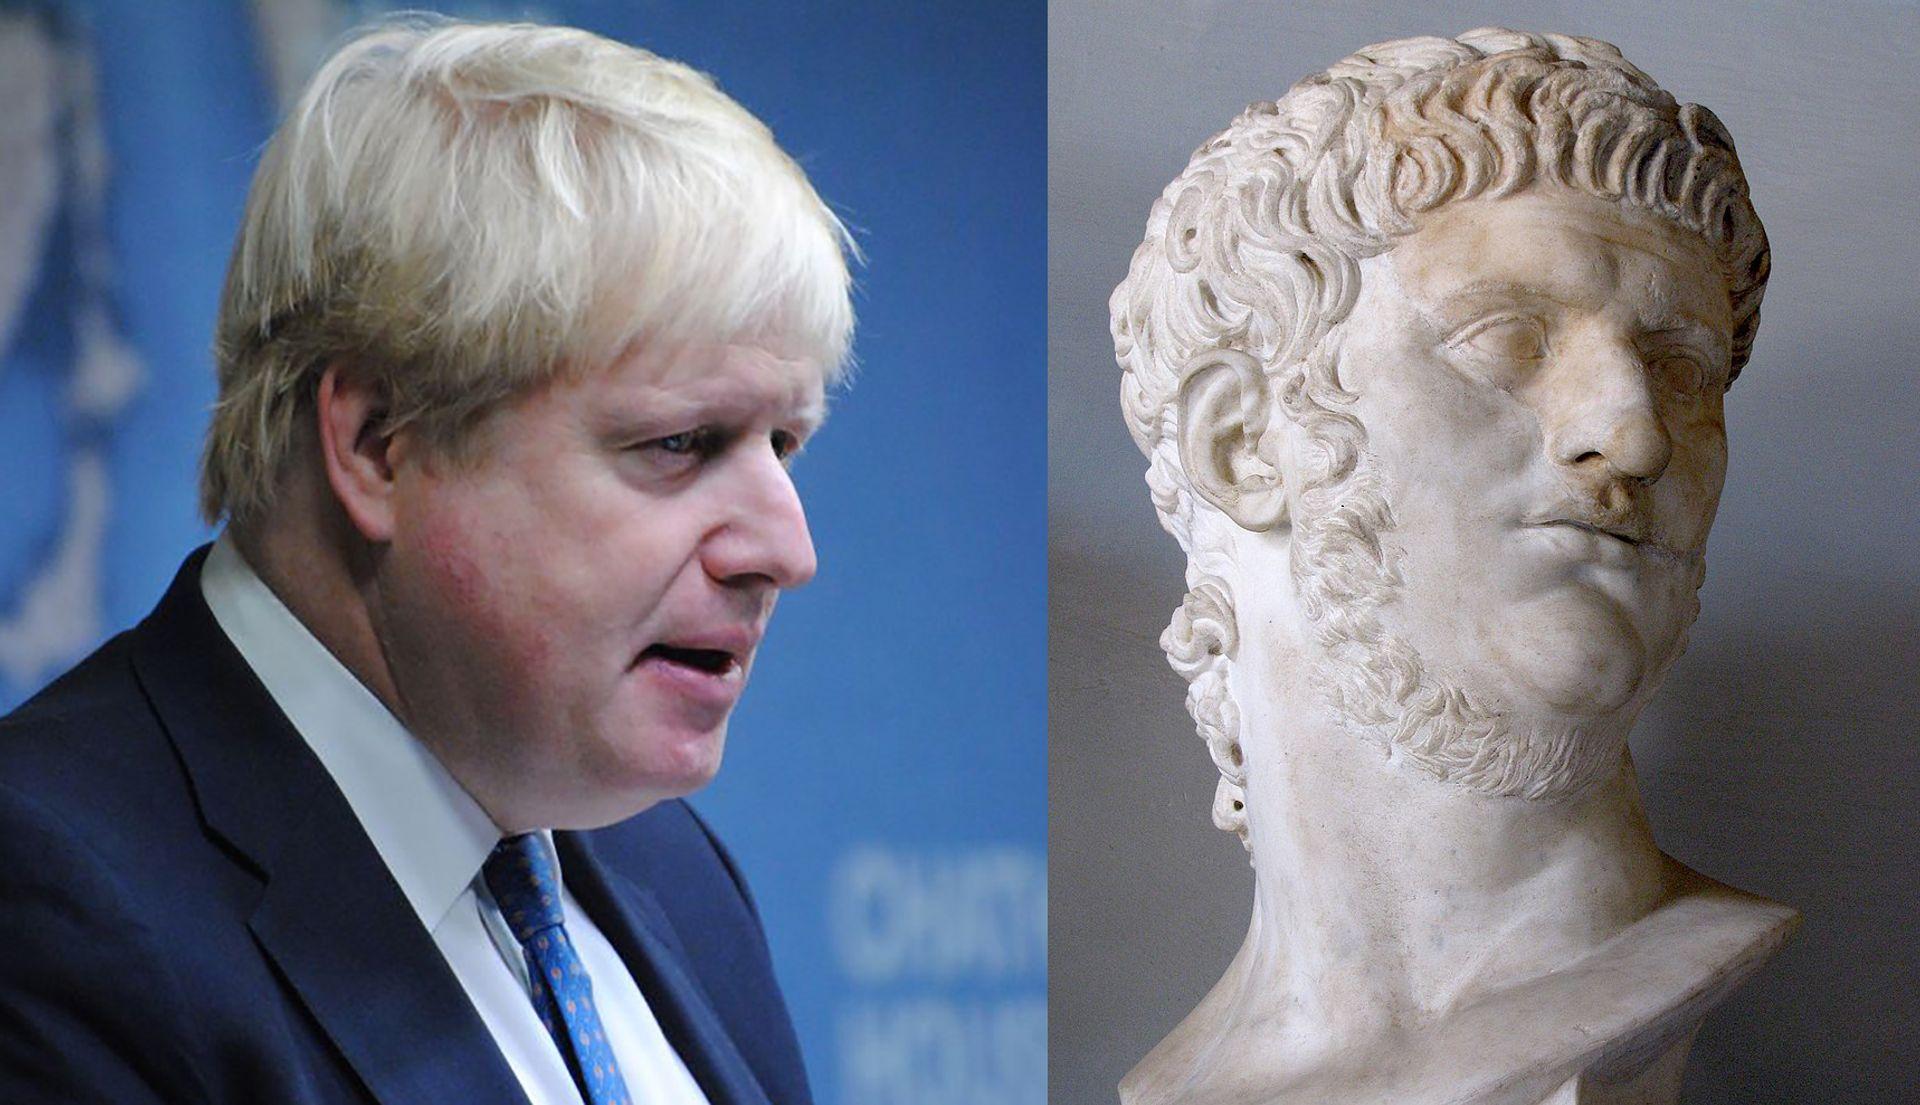 Boris Johnson (left) and Emperor Nero (right)